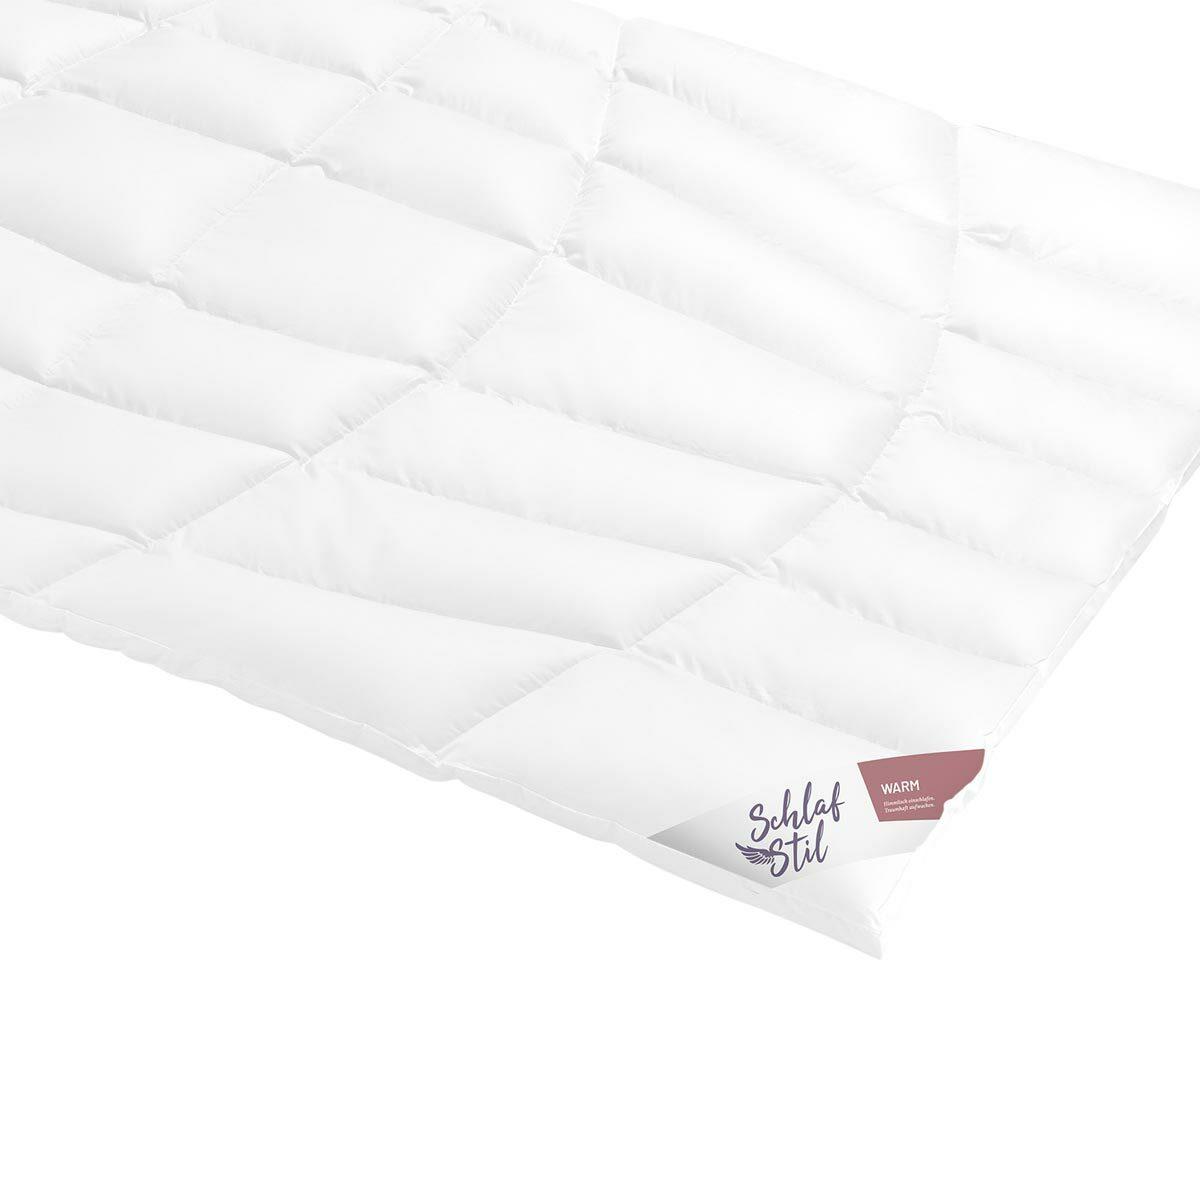 Schlafstil Daunendecke D1000 warm, Füllung: 100% Eiderdaunen